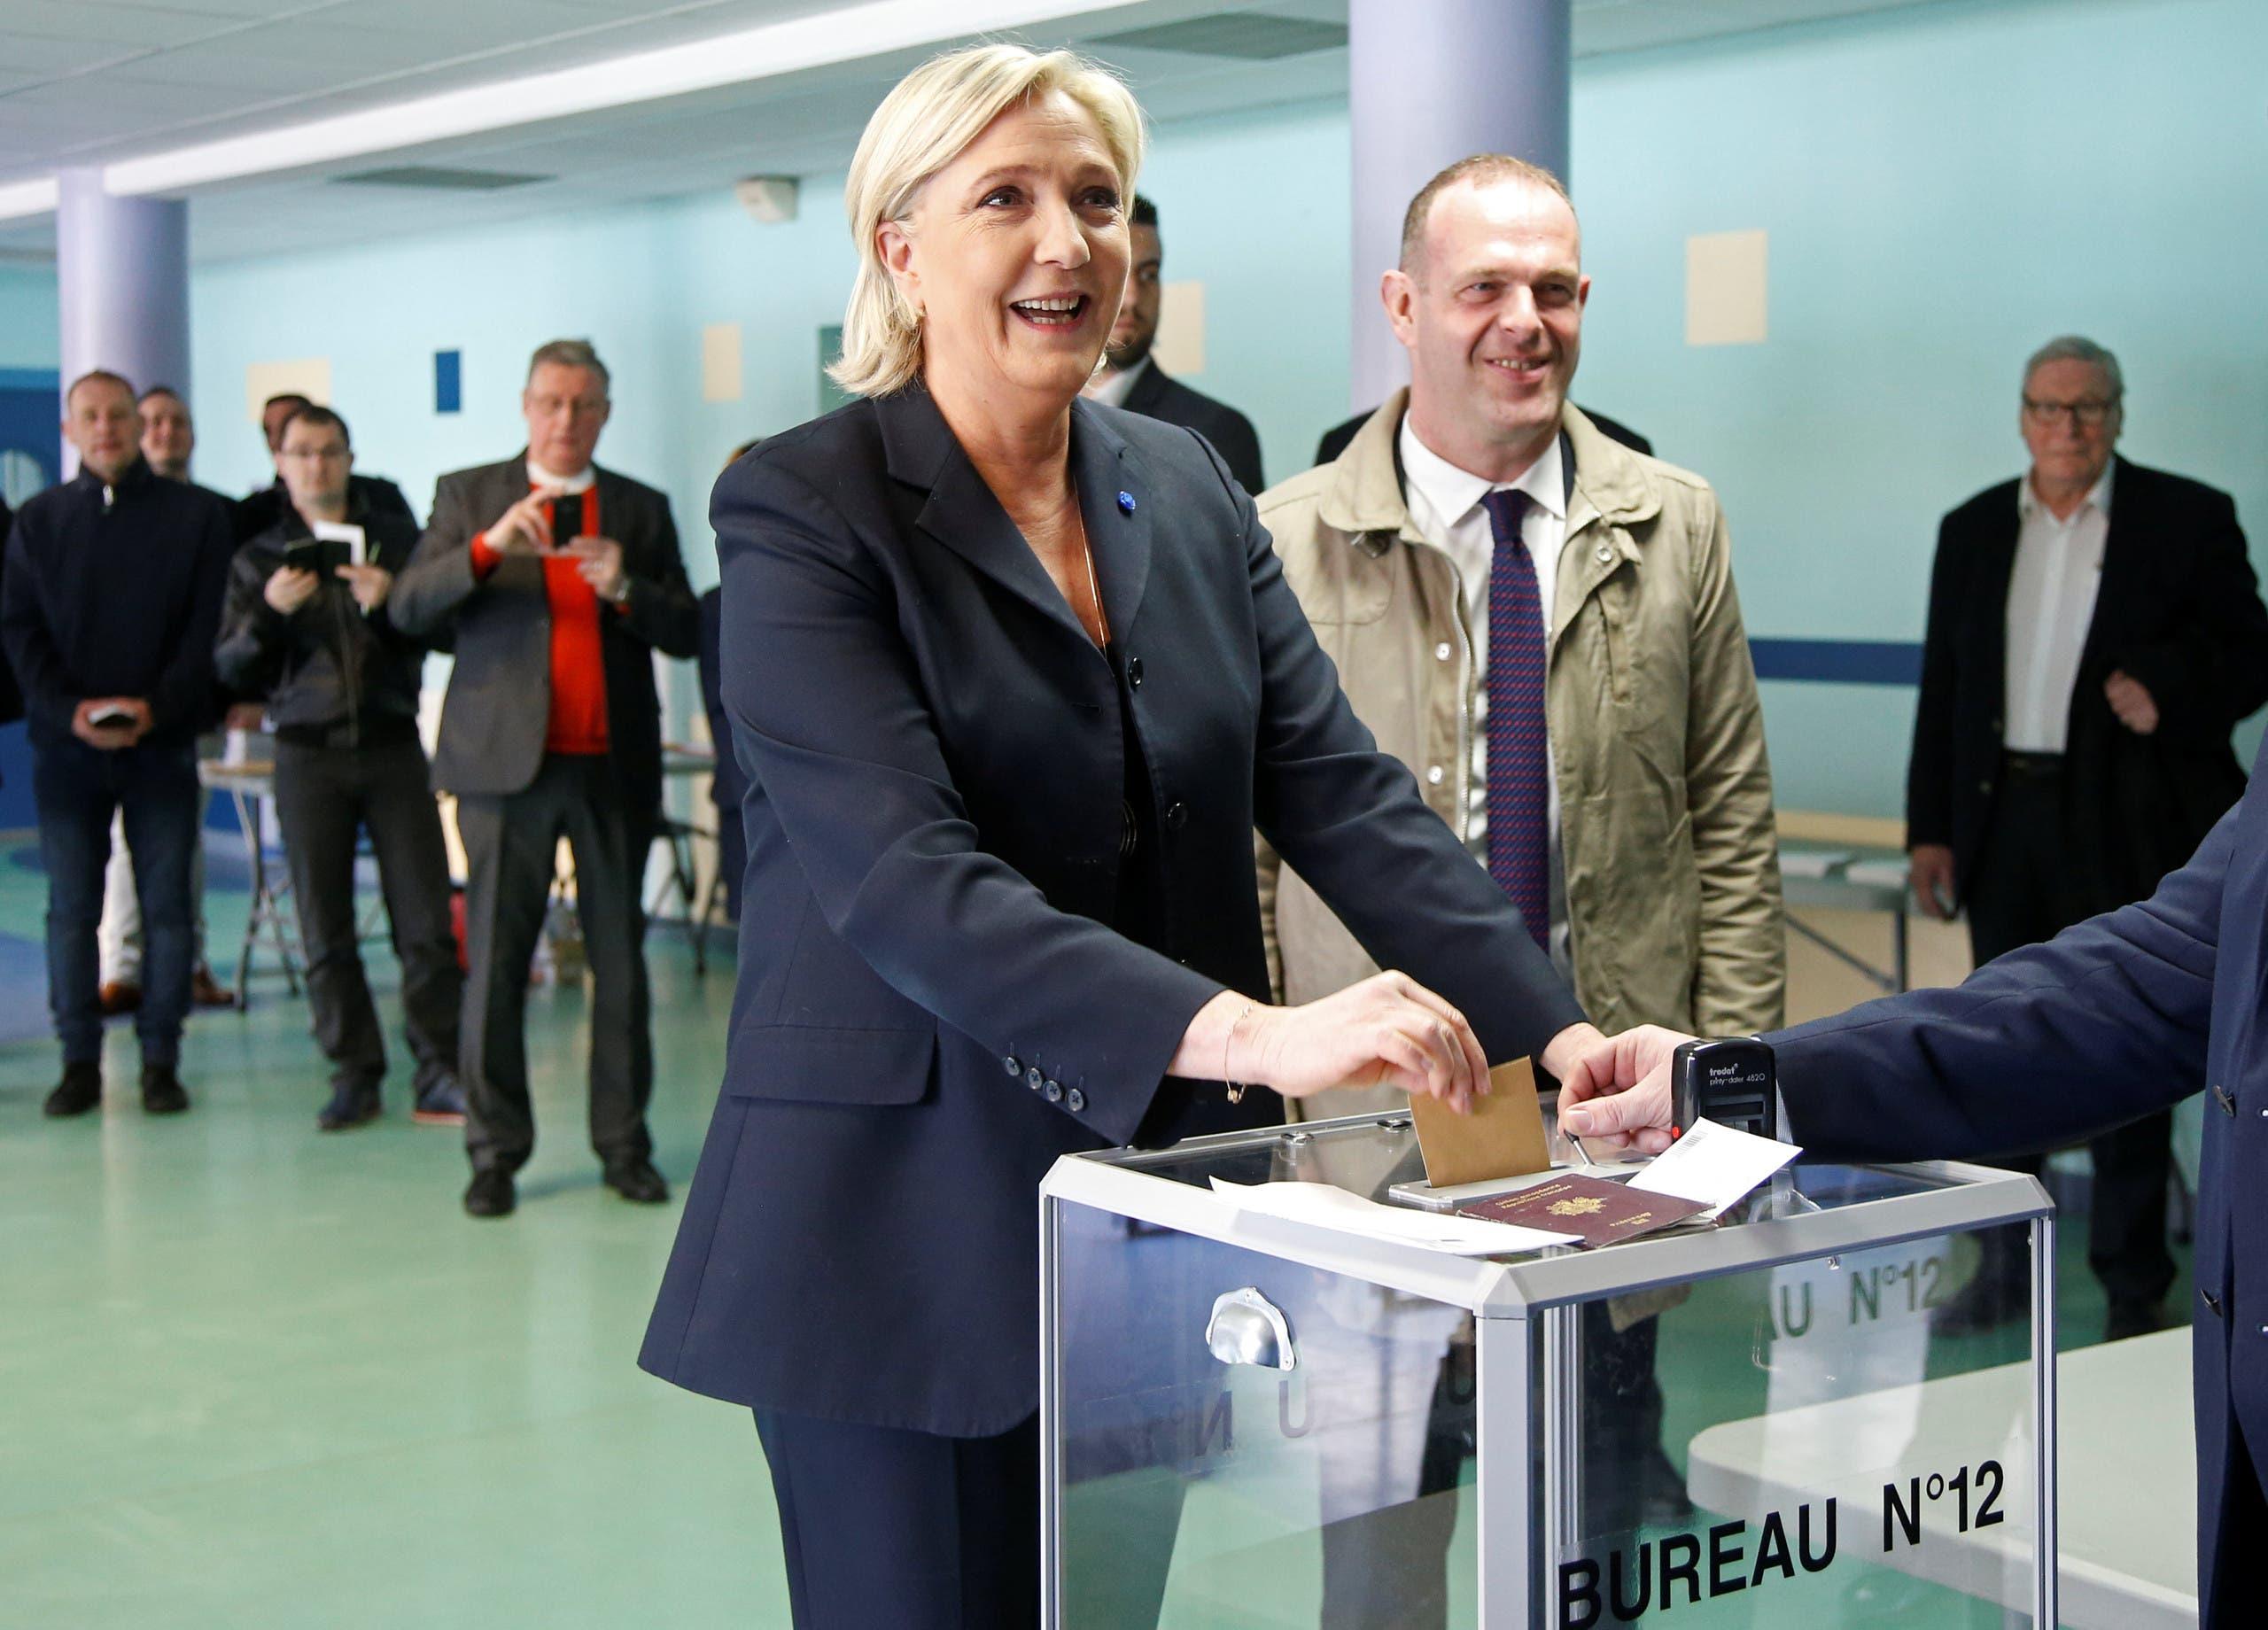 زعيمة اليمين المتطرف مارين لوبان